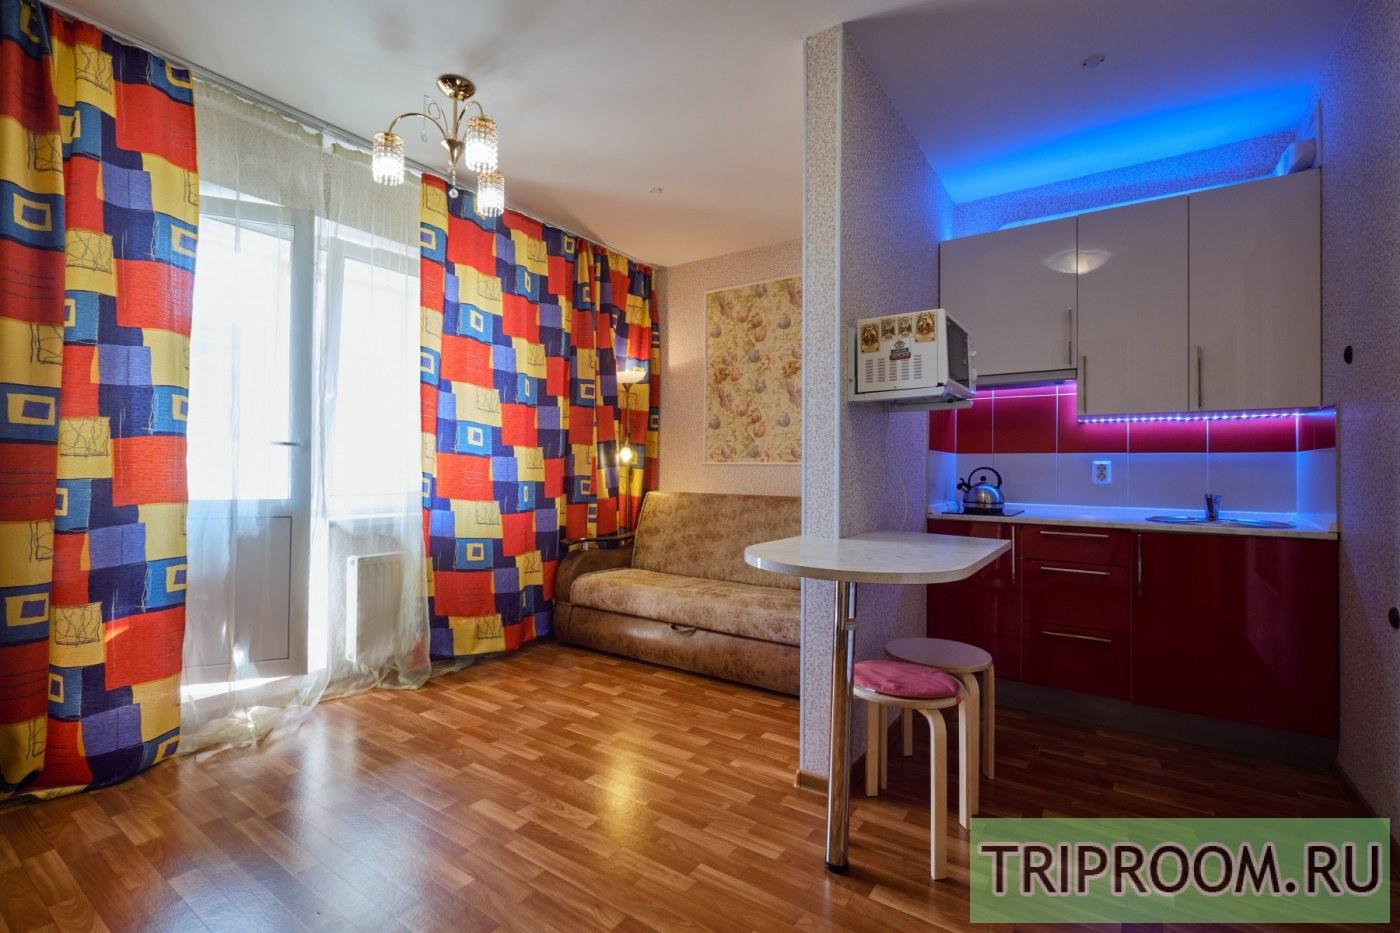 1-комнатная квартира посуточно (вариант № 22818), ул. Бабушкина улица, фото № 28